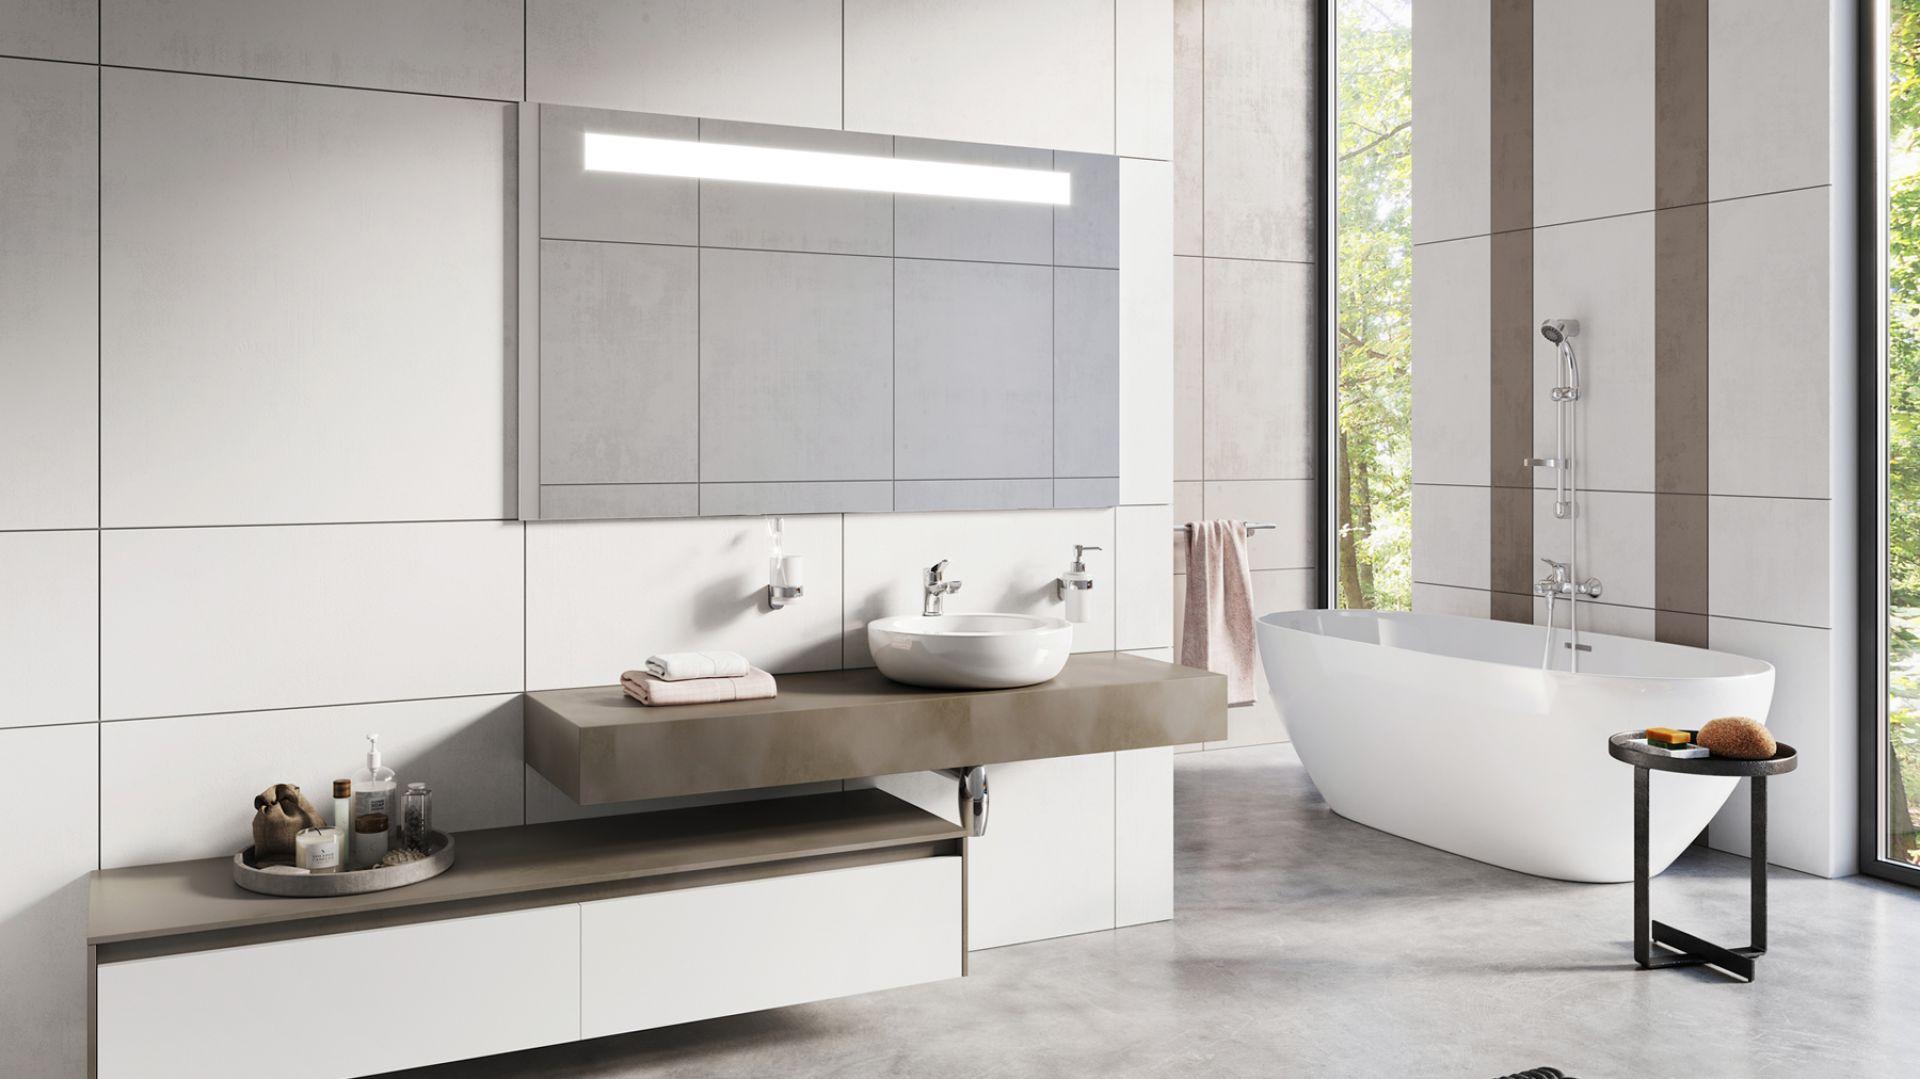 Aranżacja jasnej łazienki z baterią stojącą umywalkową oraz ścienną wannową z serii Stillo. Fot. Ferro